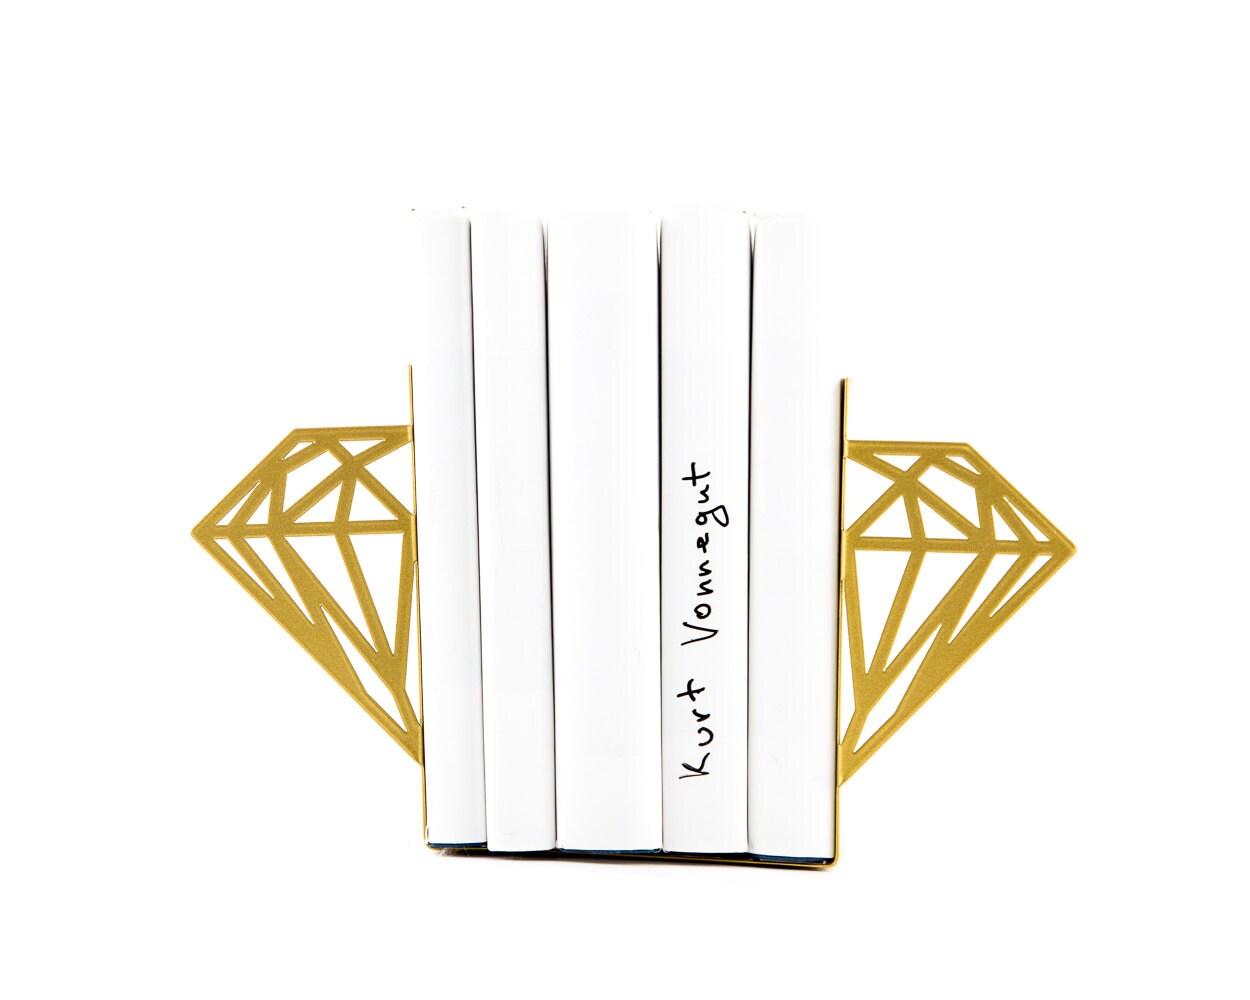 Metal Bookends Diamonds Golden Edition Modern Home